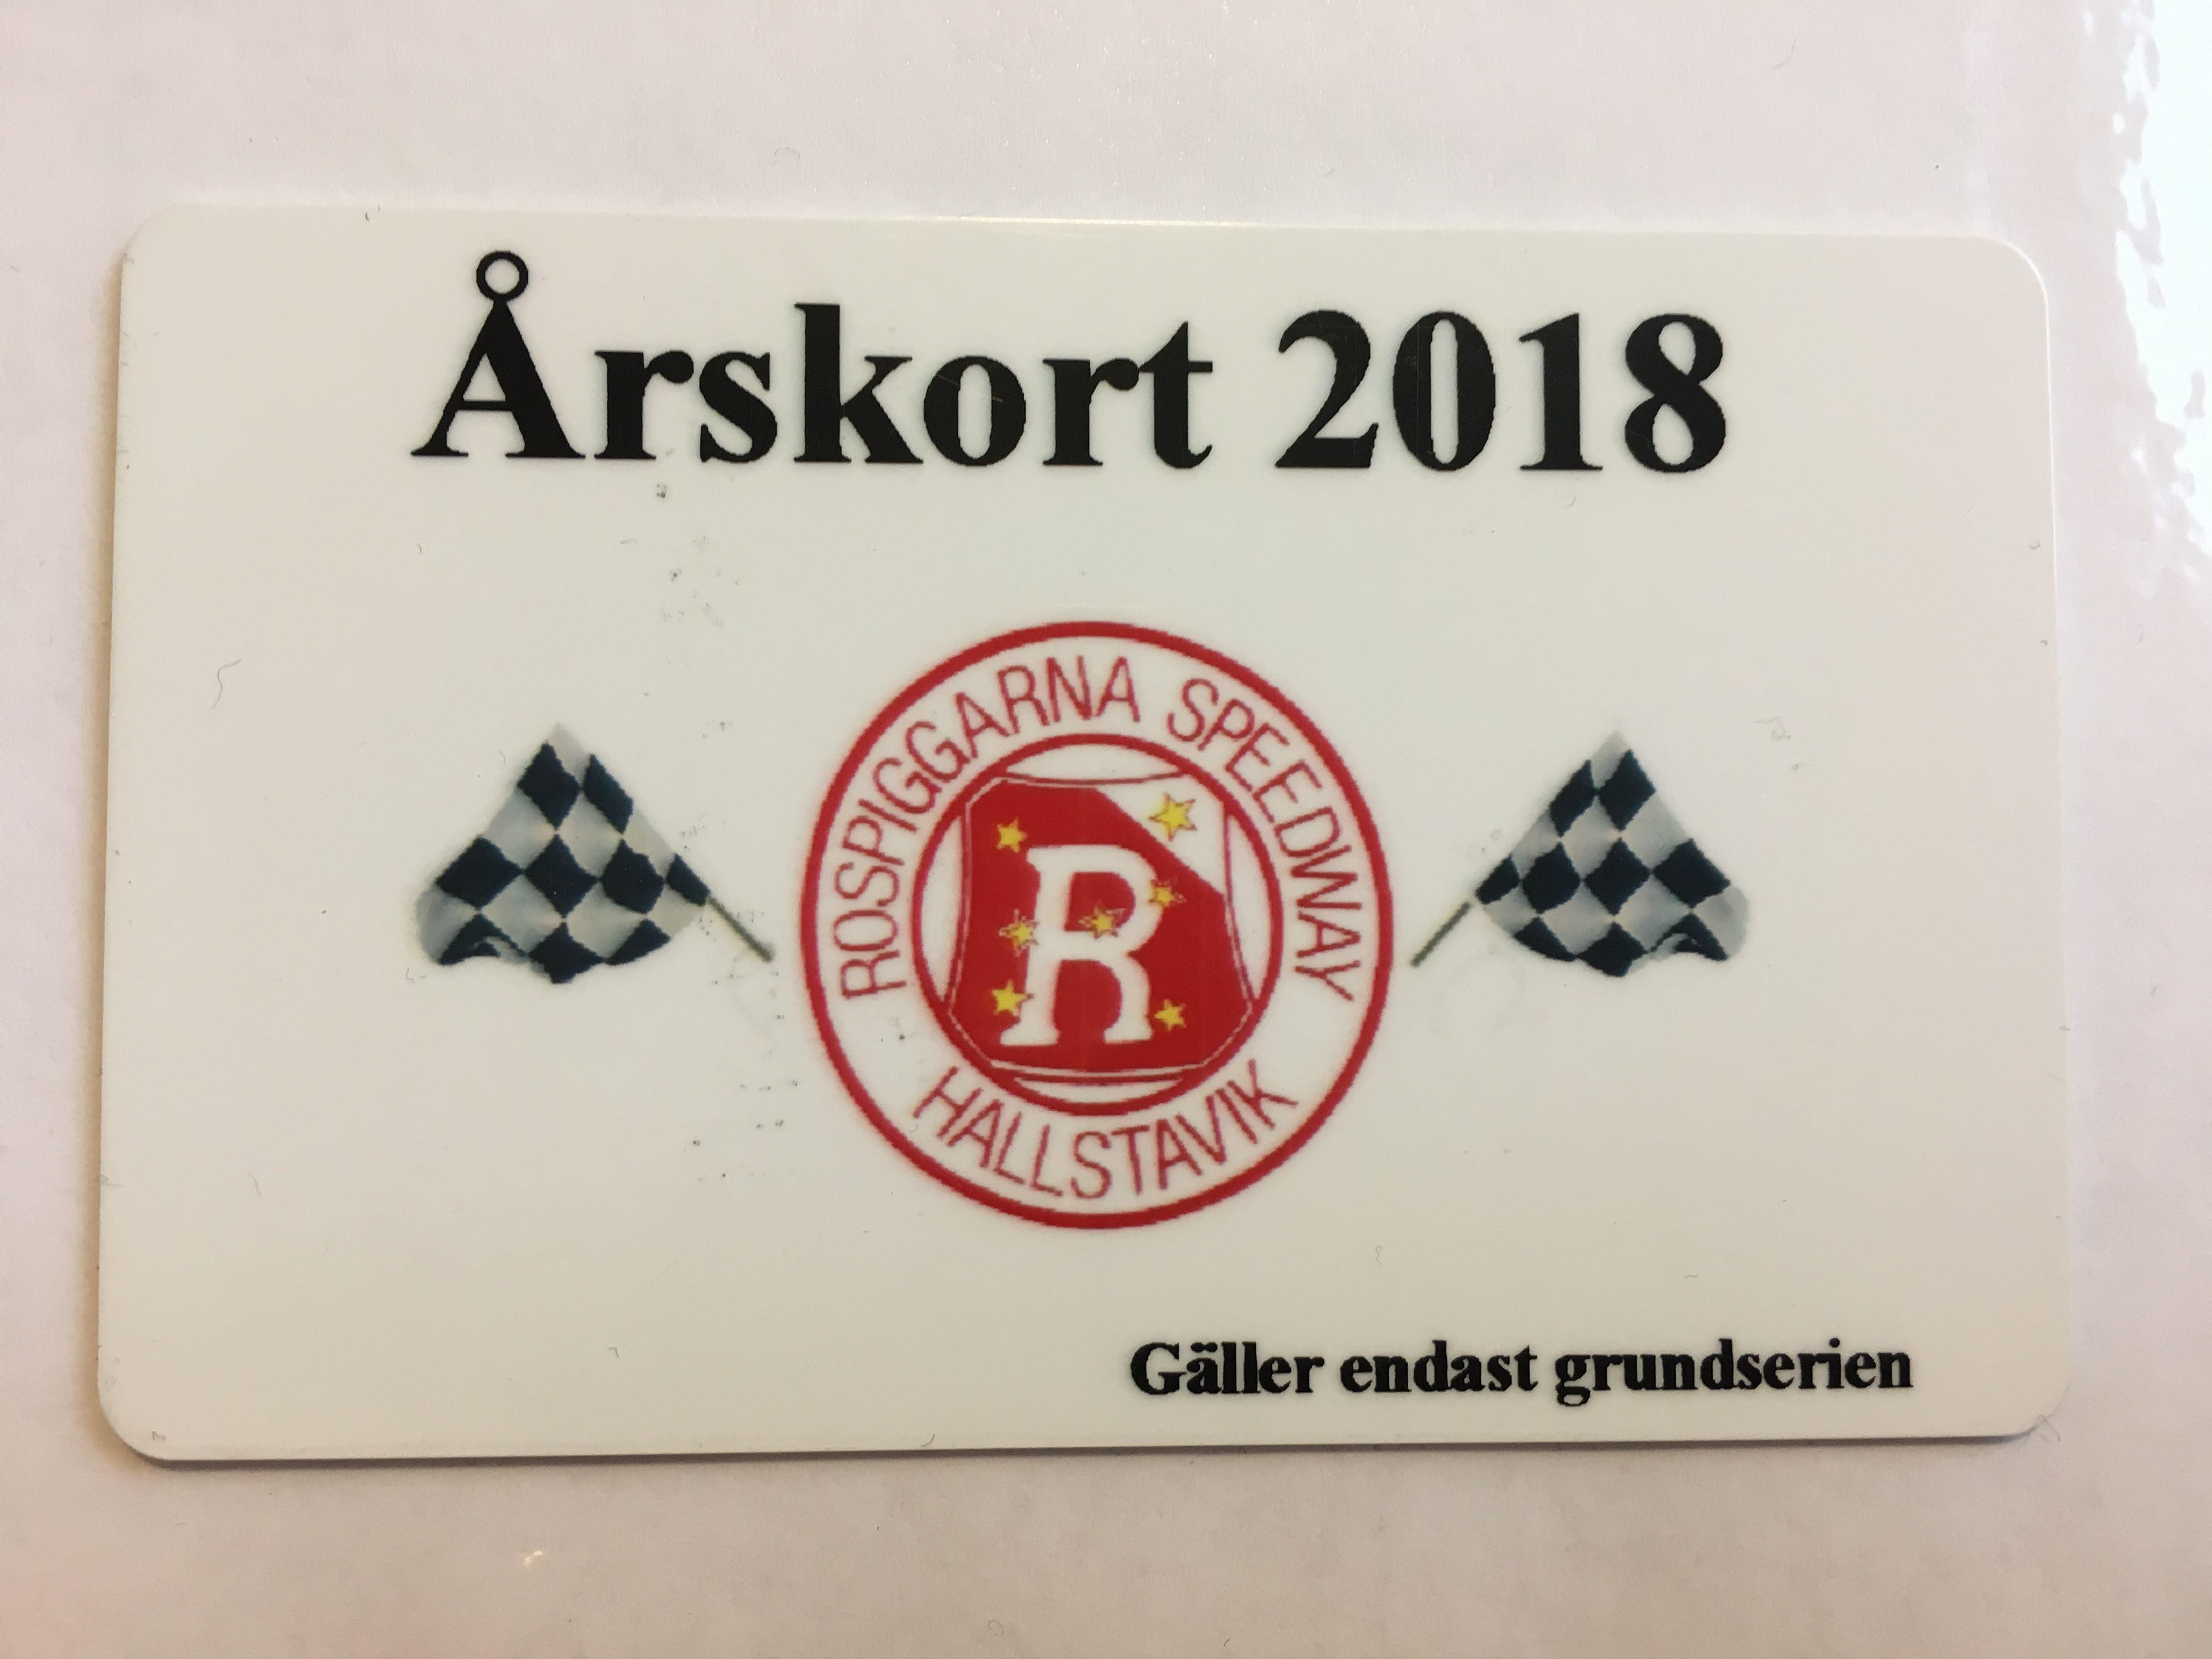 Årskort 2018 - Rospiggarna Speedway